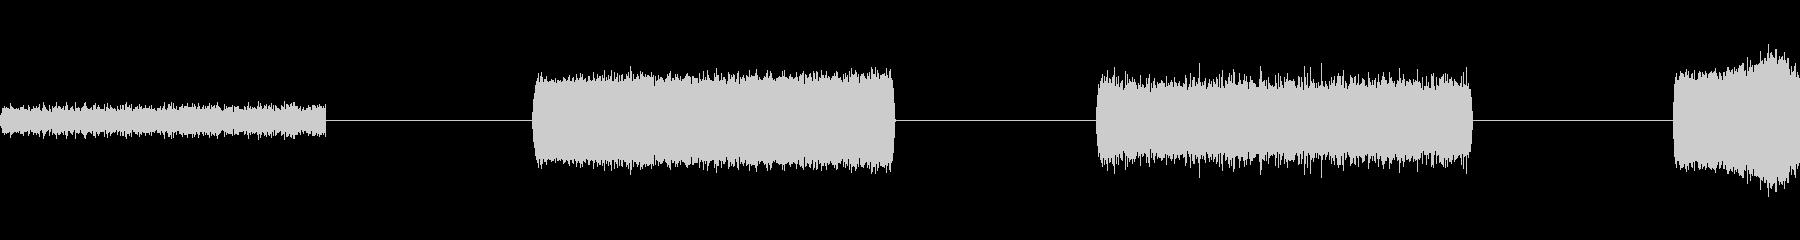 ハイブザーズハム、4テイク、電気、...の未再生の波形